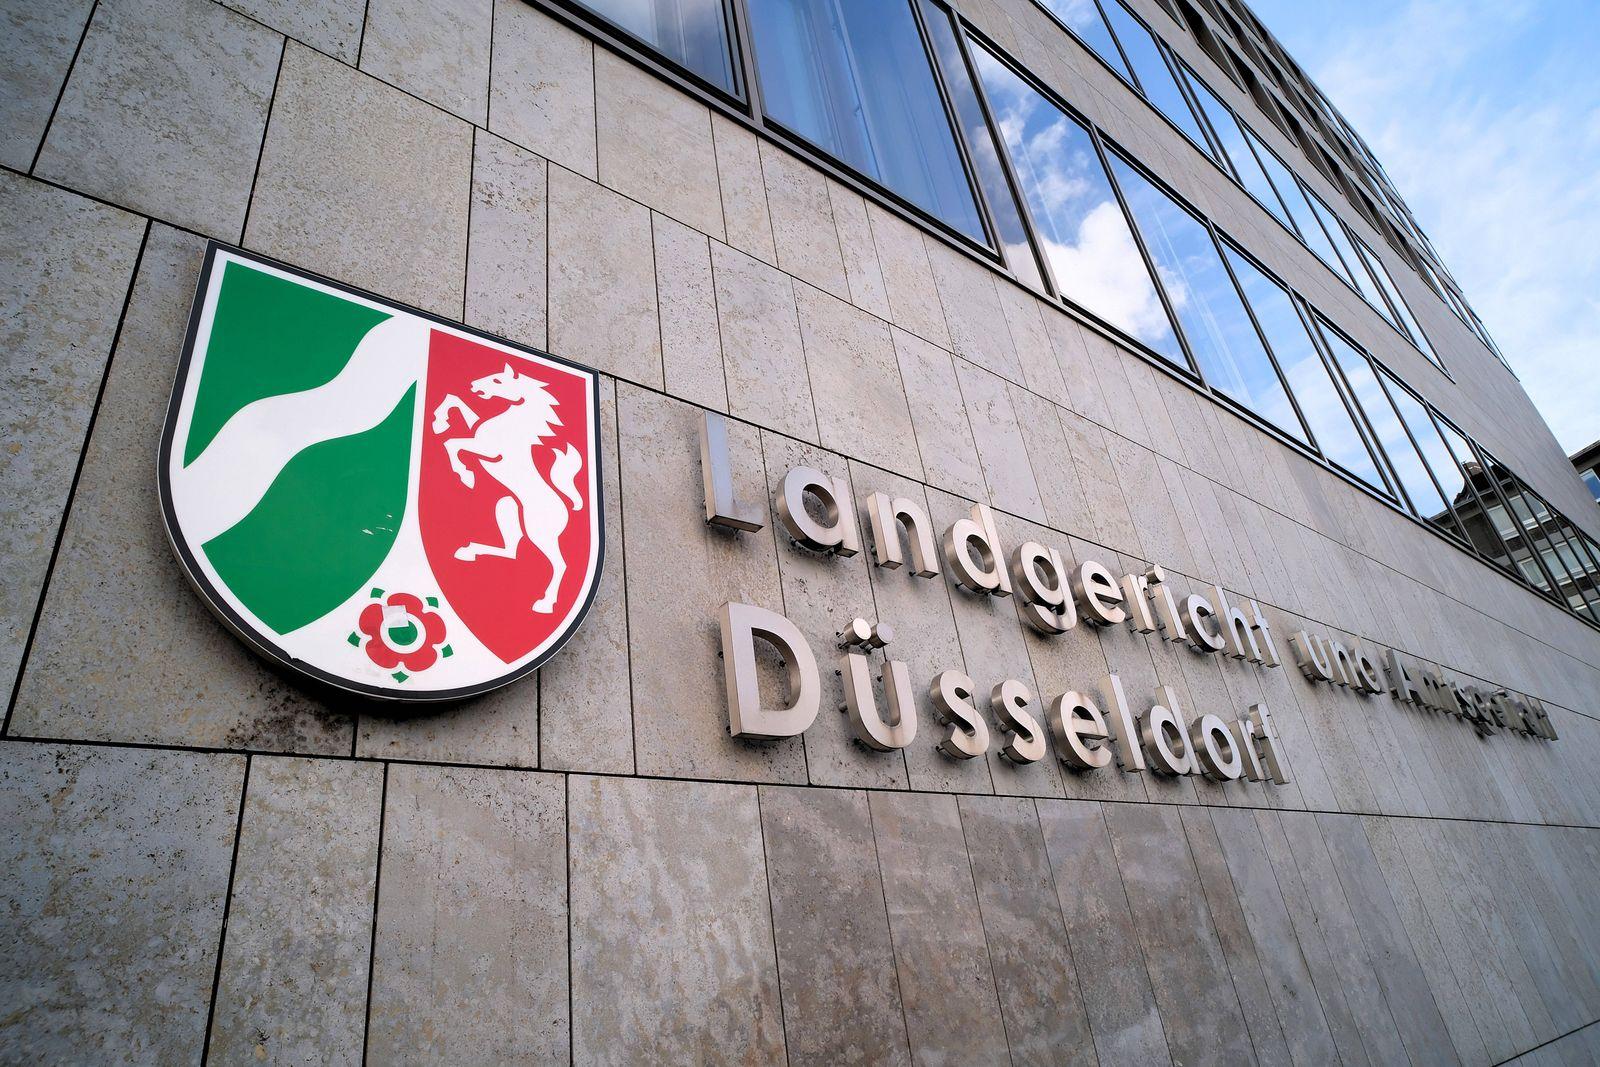 Düsseldorf 10.04.2021 Landgericht Amtsgericht Gebäude Gericht Gerichtssaal Logo NRW Wappen Werdener Straße Oberbilk Düs